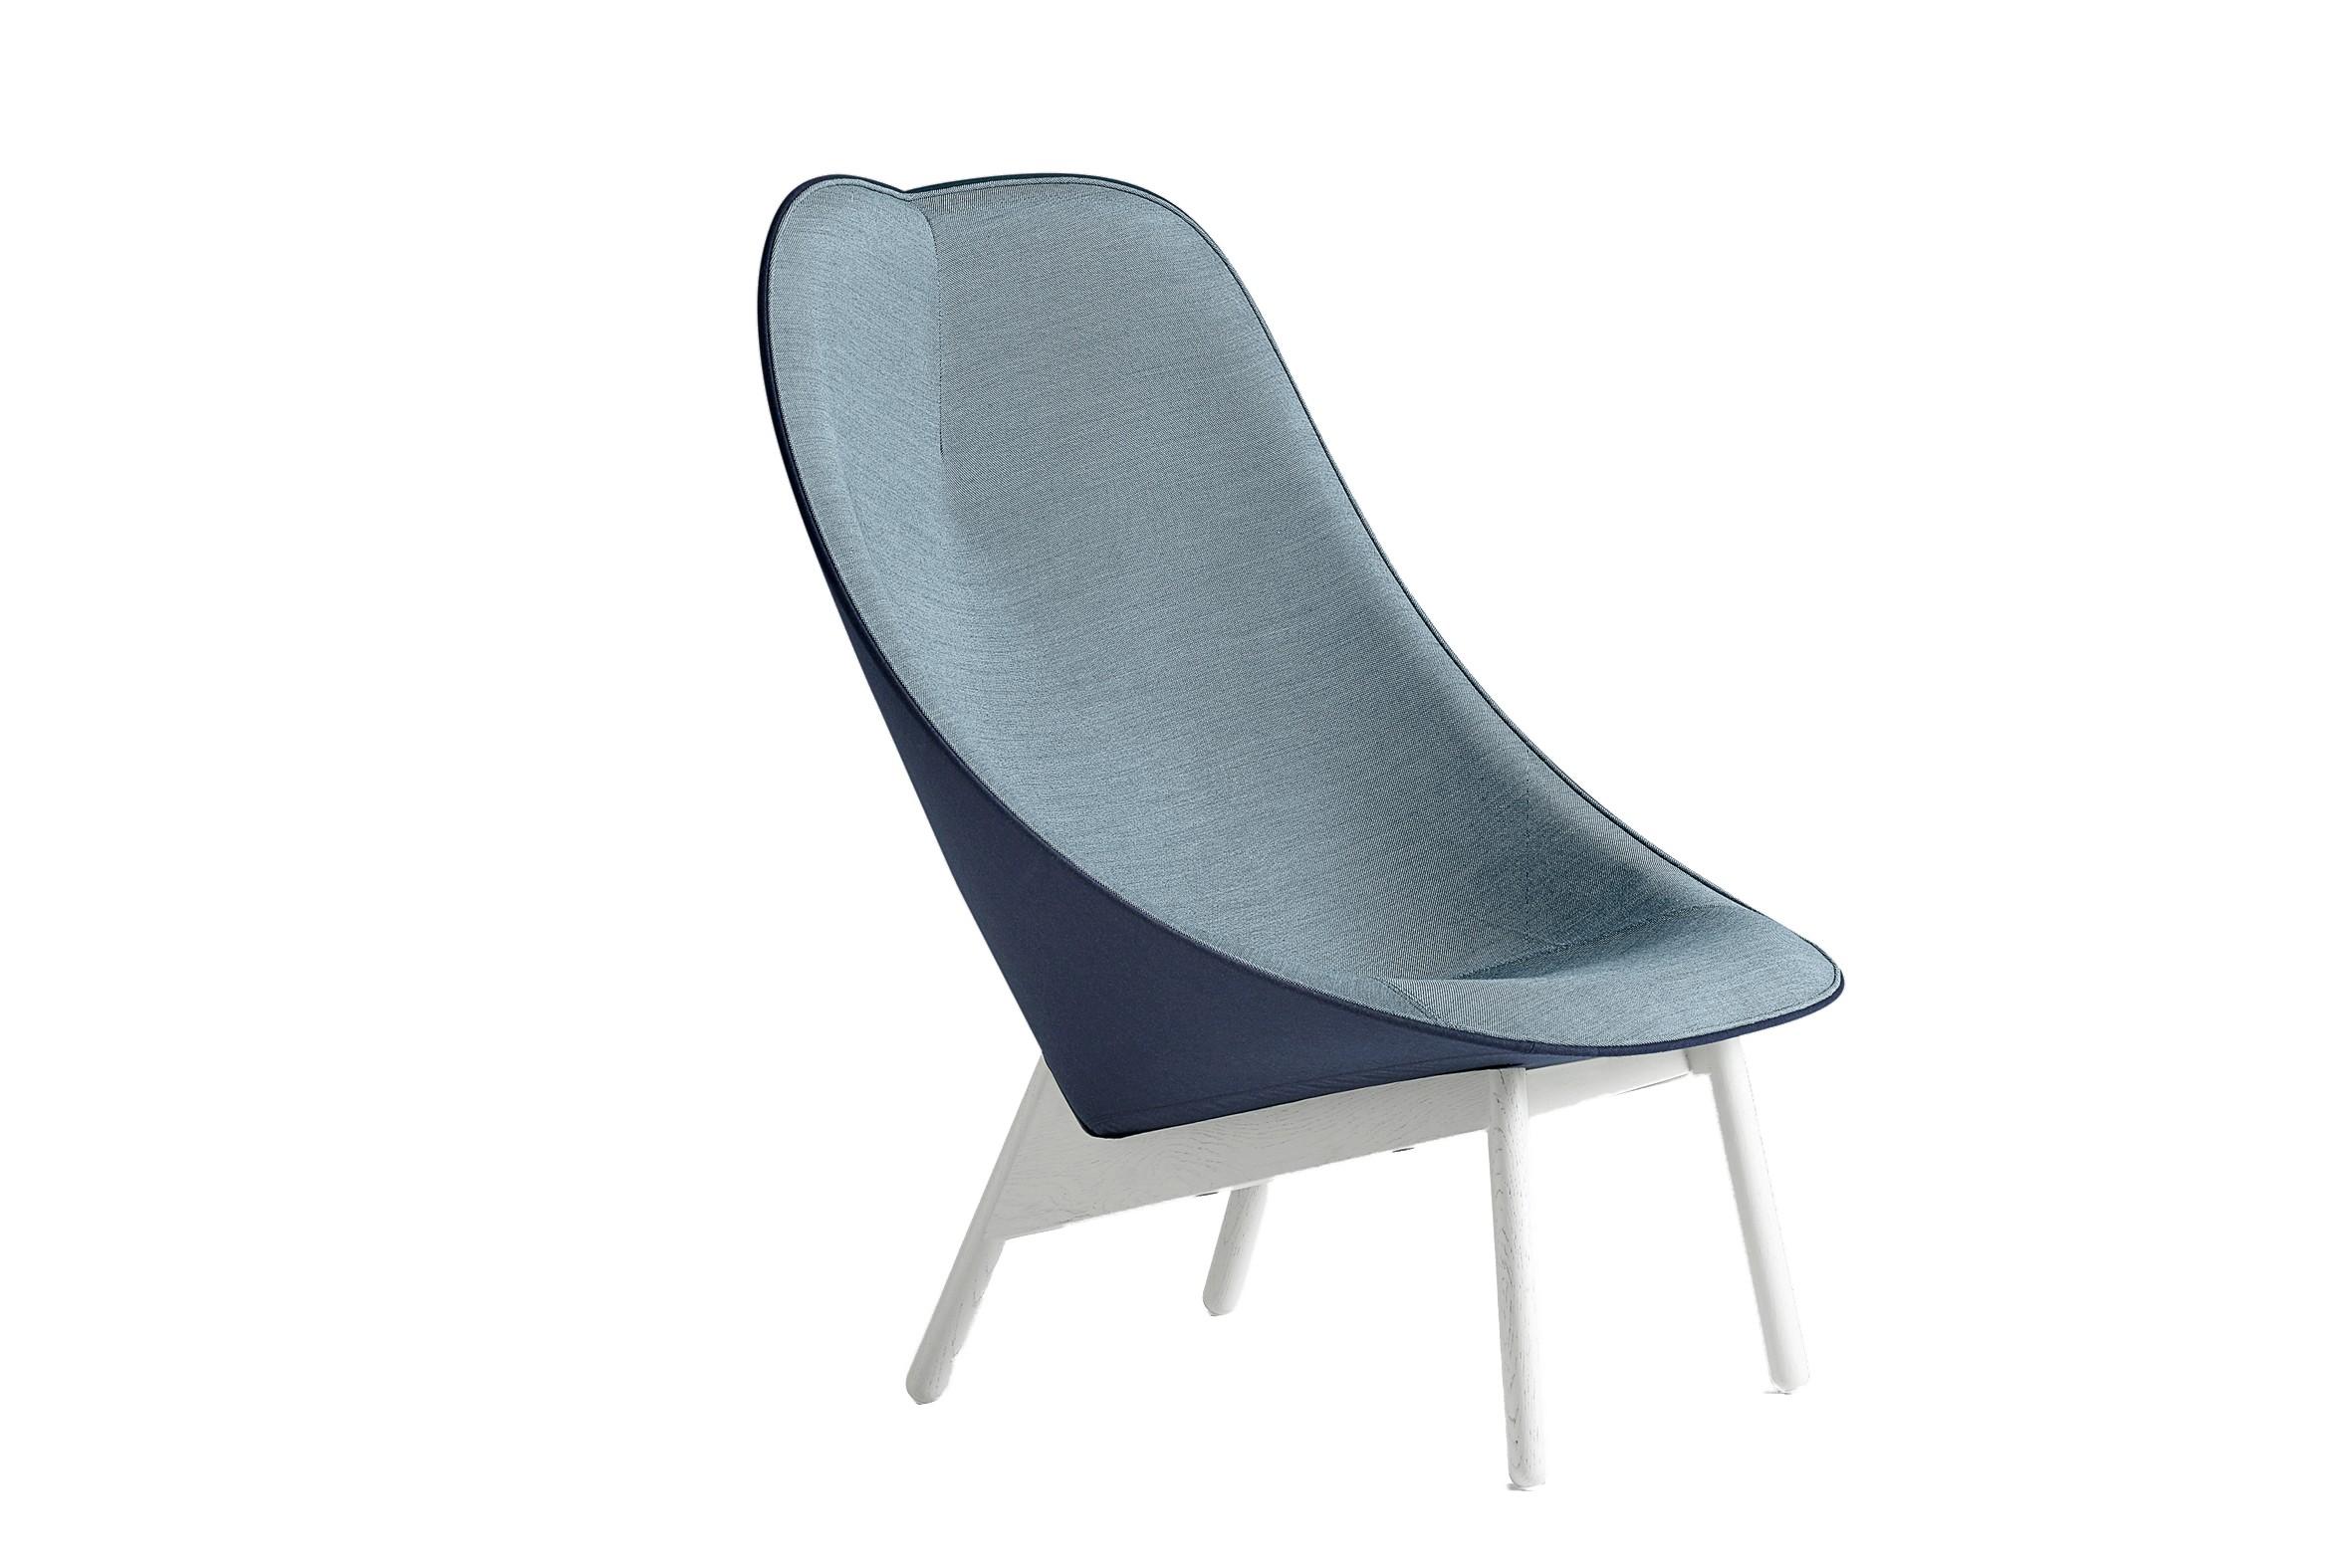 fauteuil lounge uchiwa de hay avec pi tement en ch ne teint gris 4 coloris. Black Bedroom Furniture Sets. Home Design Ideas